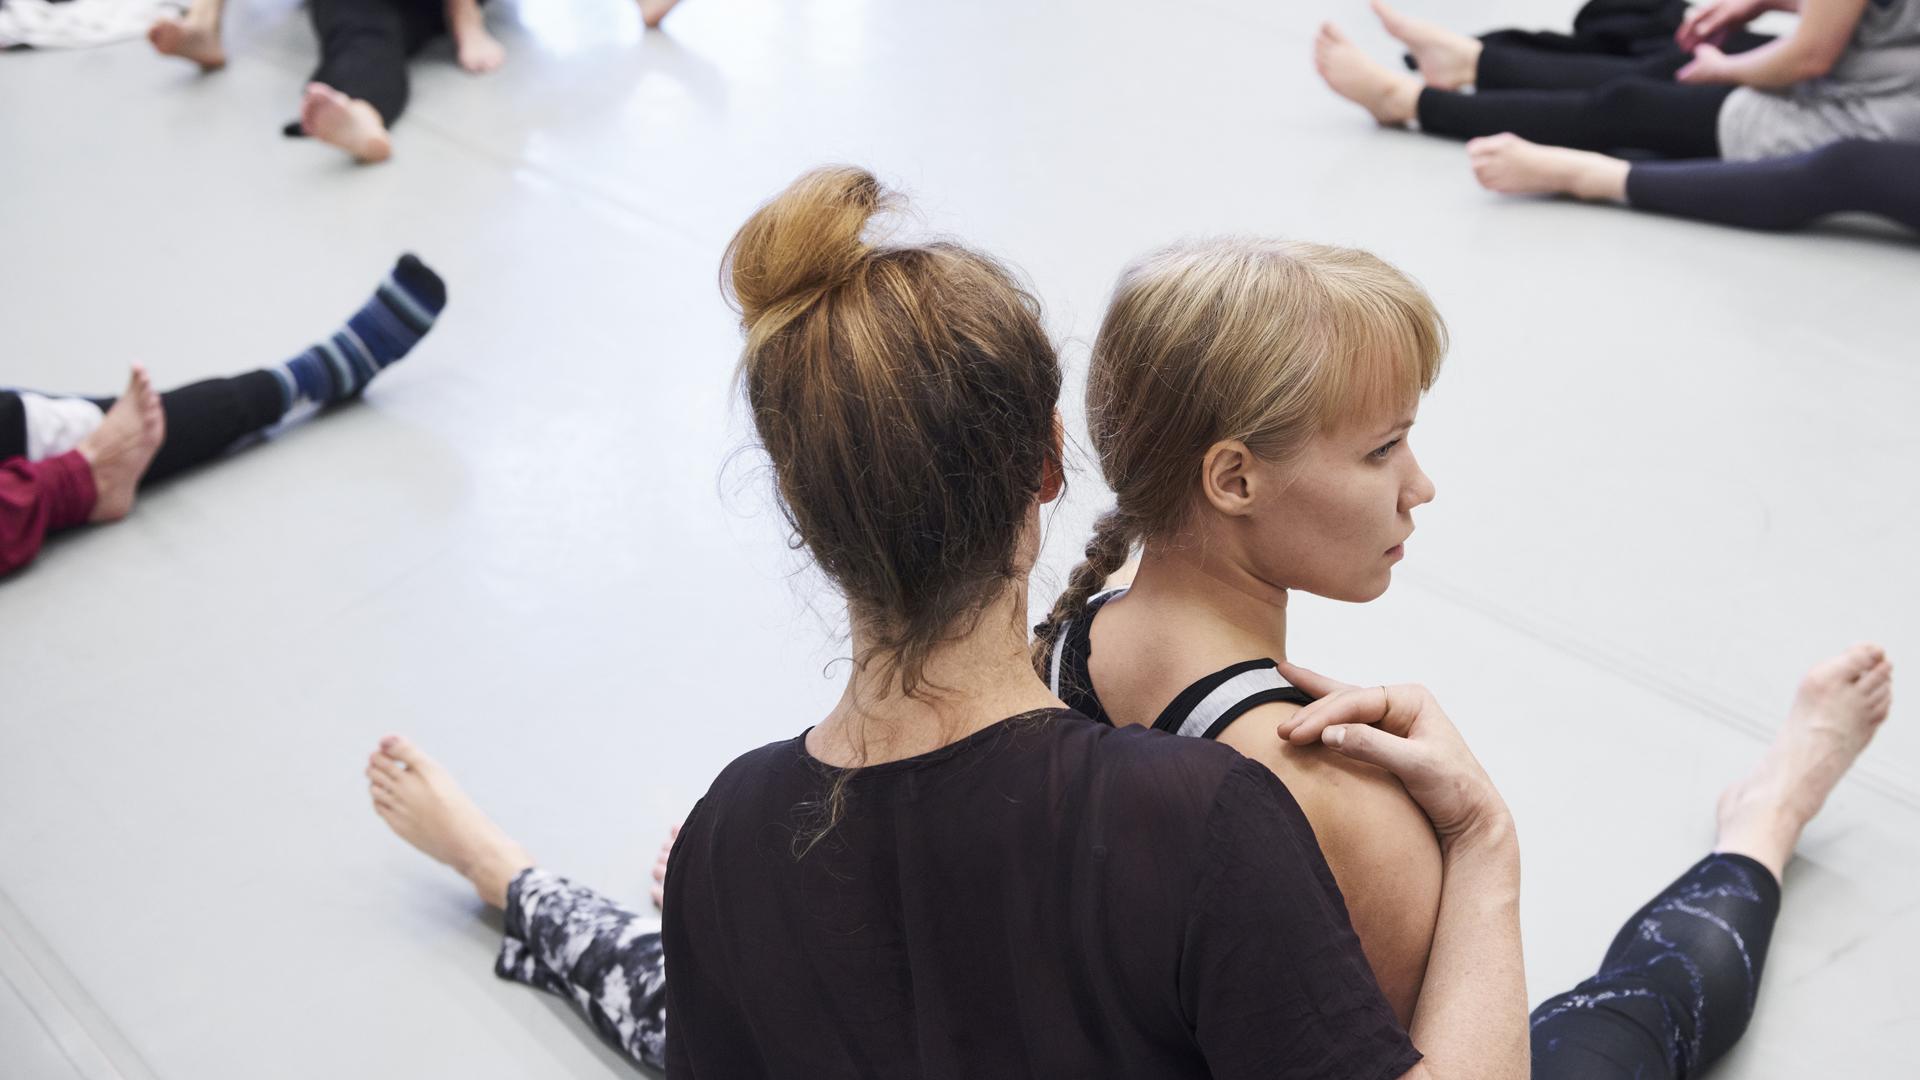 Tanssijoita harjoituksissa. Kuva: Veikko Kähkönen